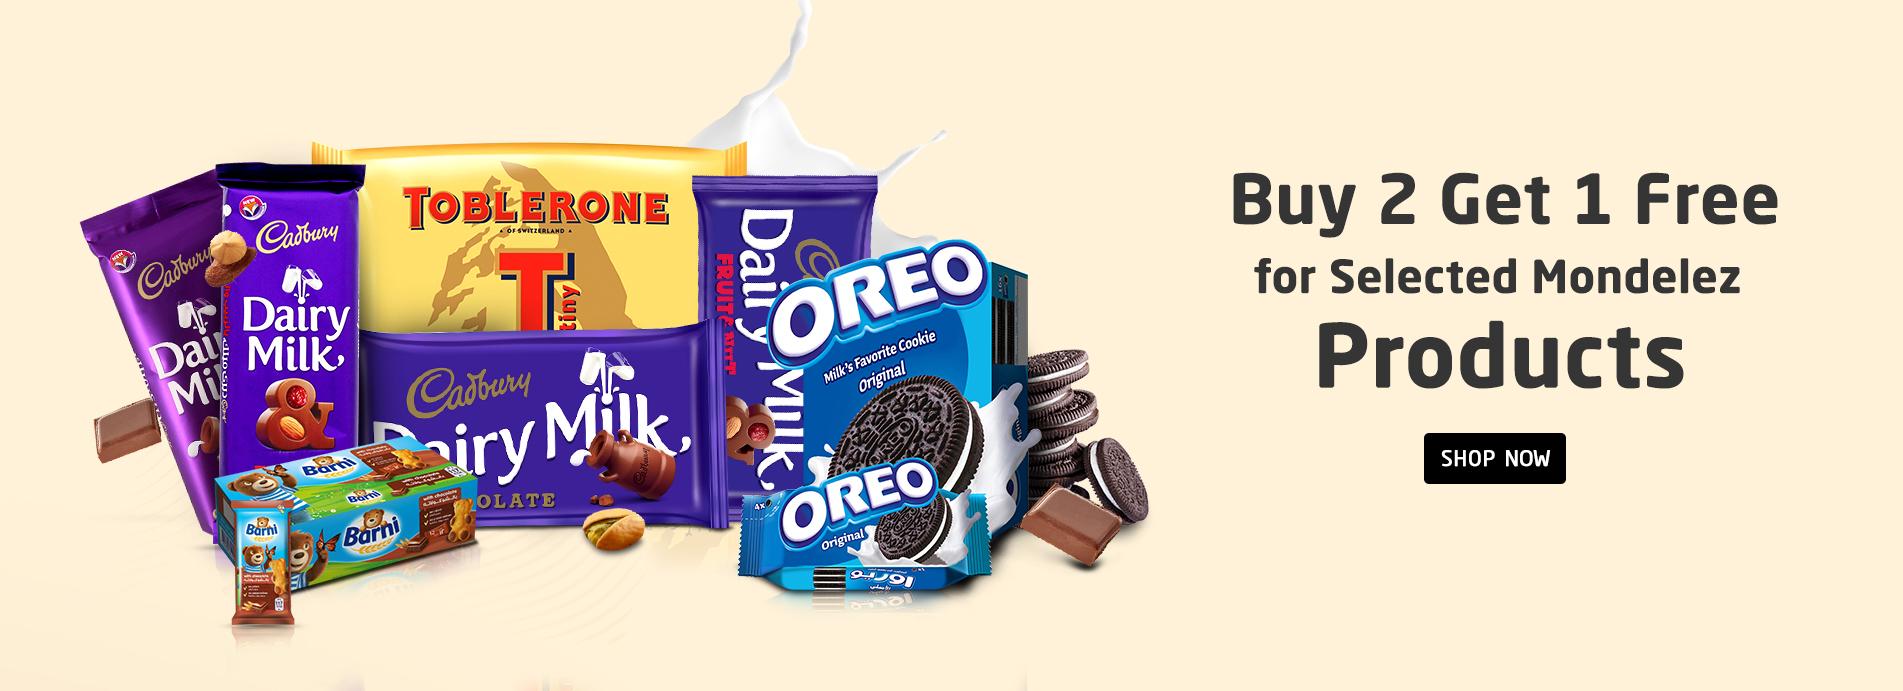 LuLu Hypermarket UAE: Best deals & offers on Groceries